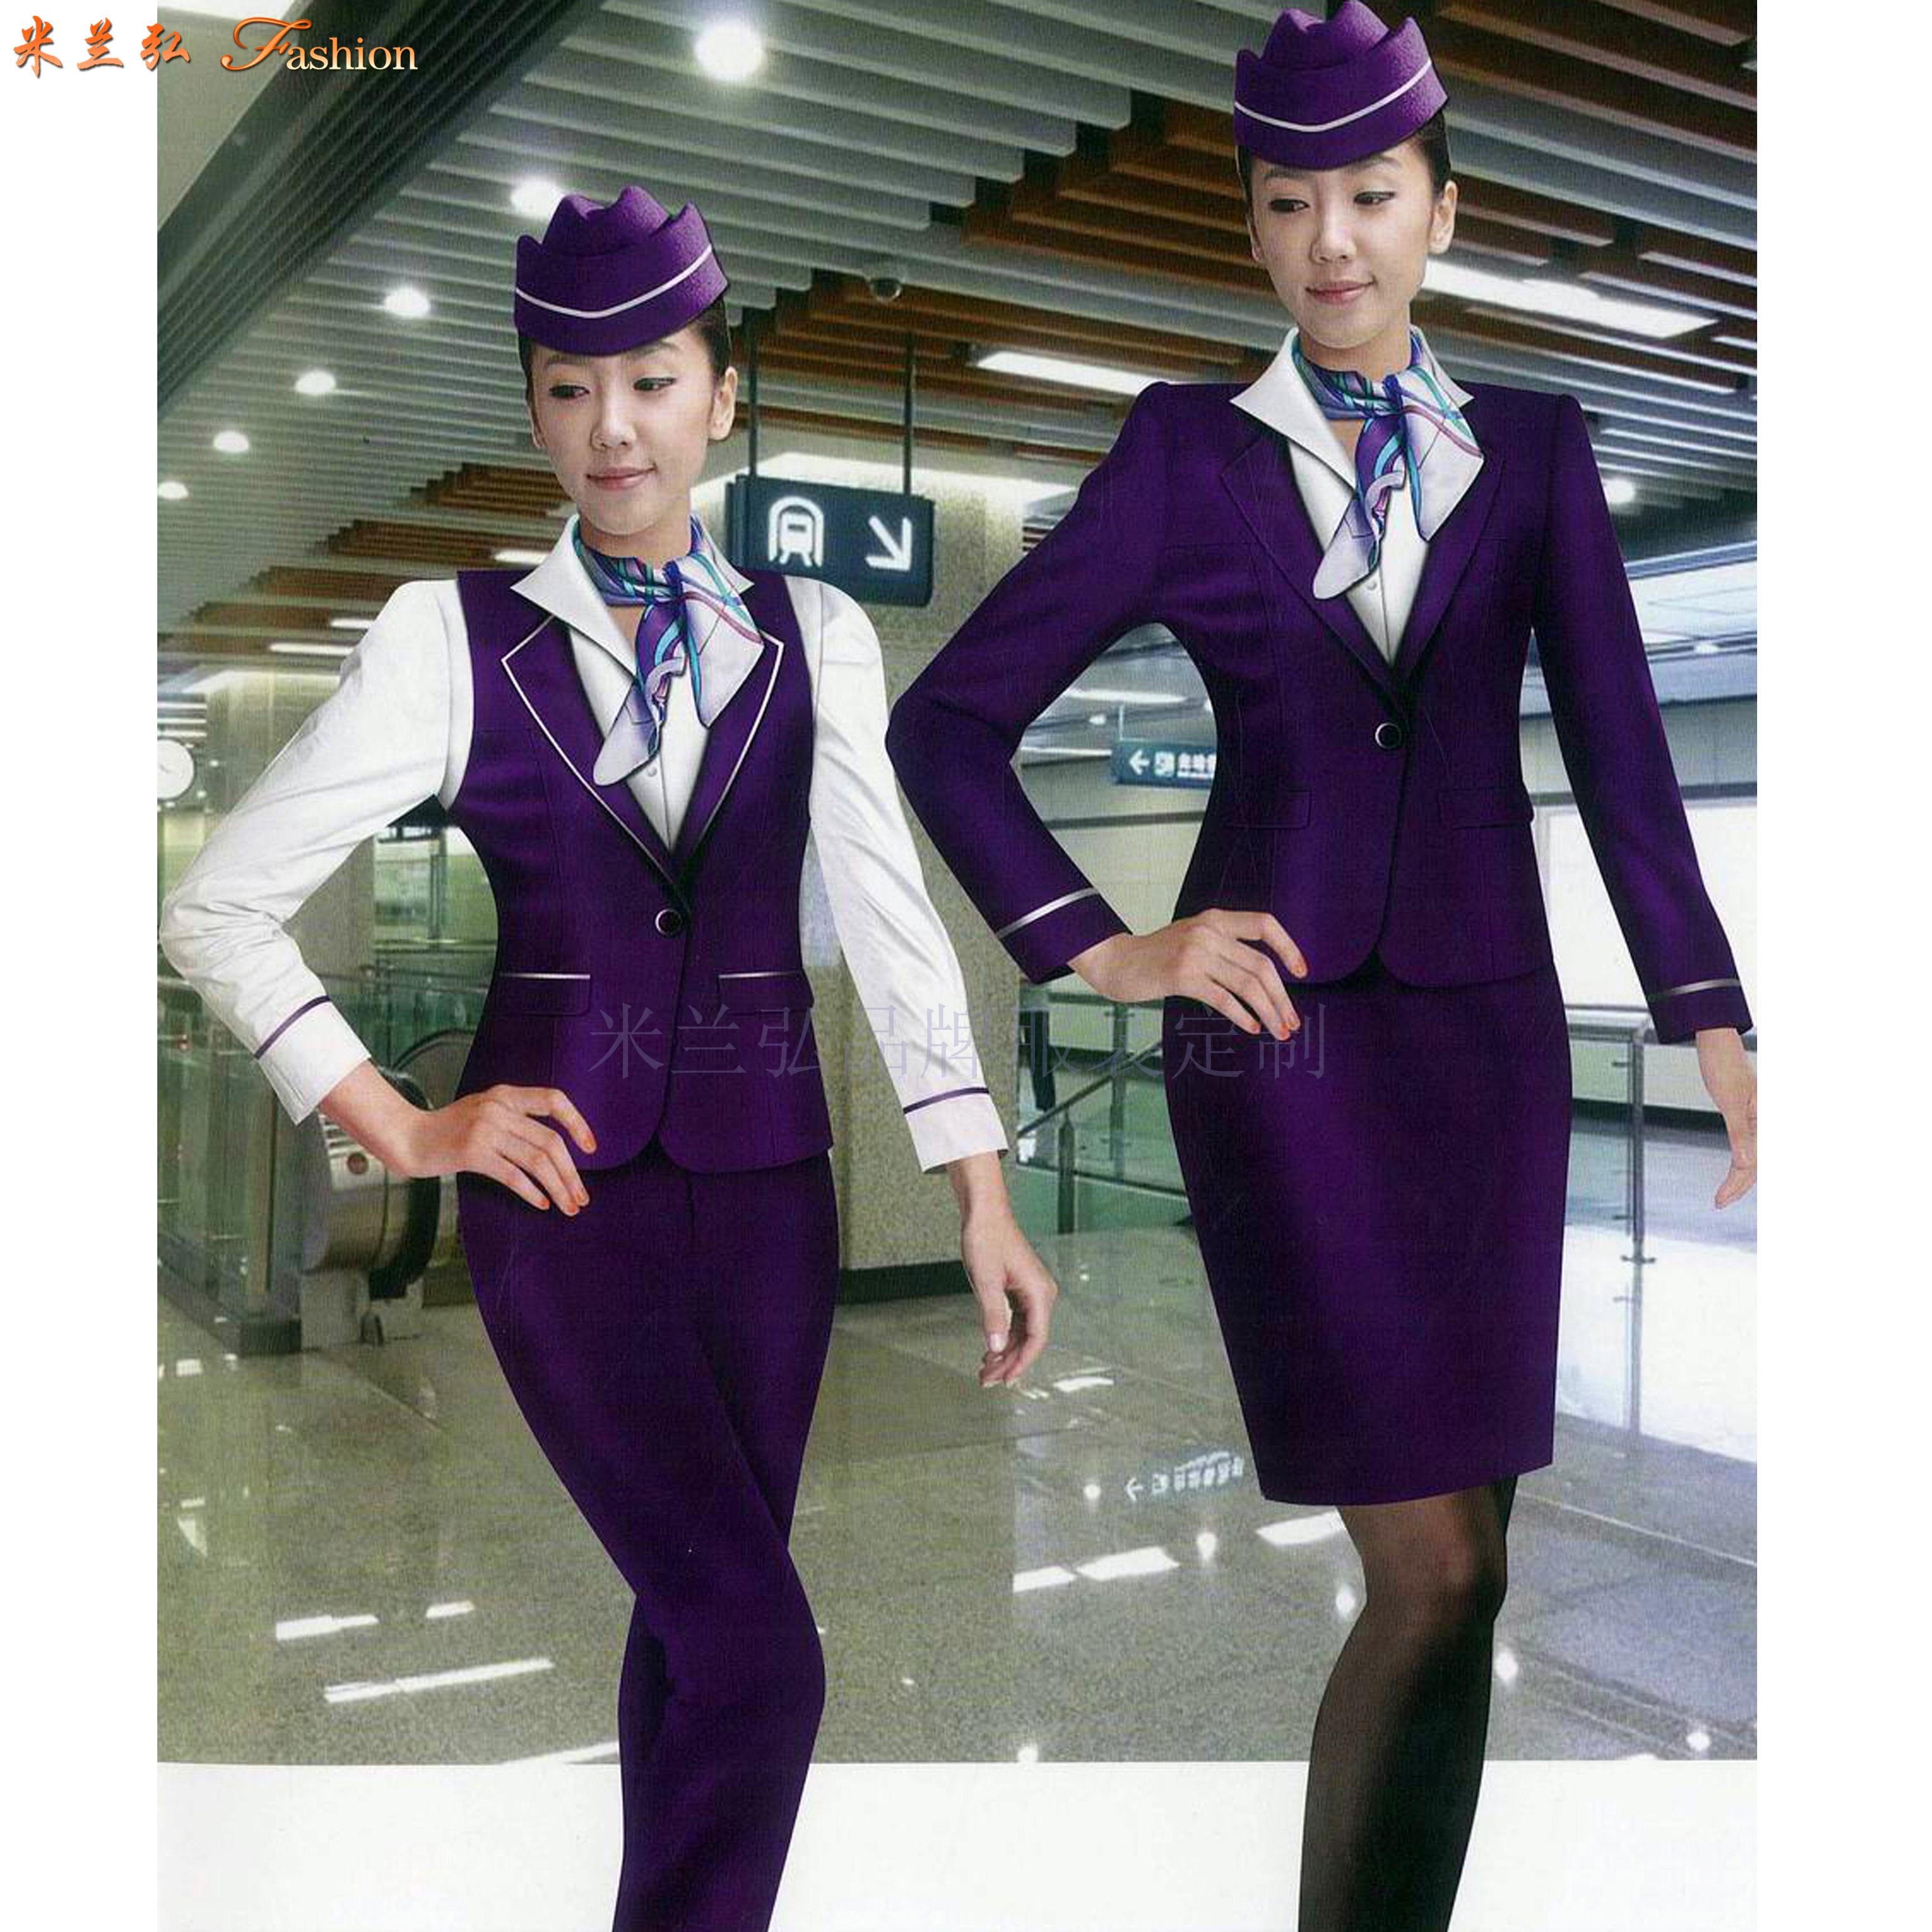 「空姐服原创设计制做」米兰弘品牌服装厂家直供优质空乘职业装-3